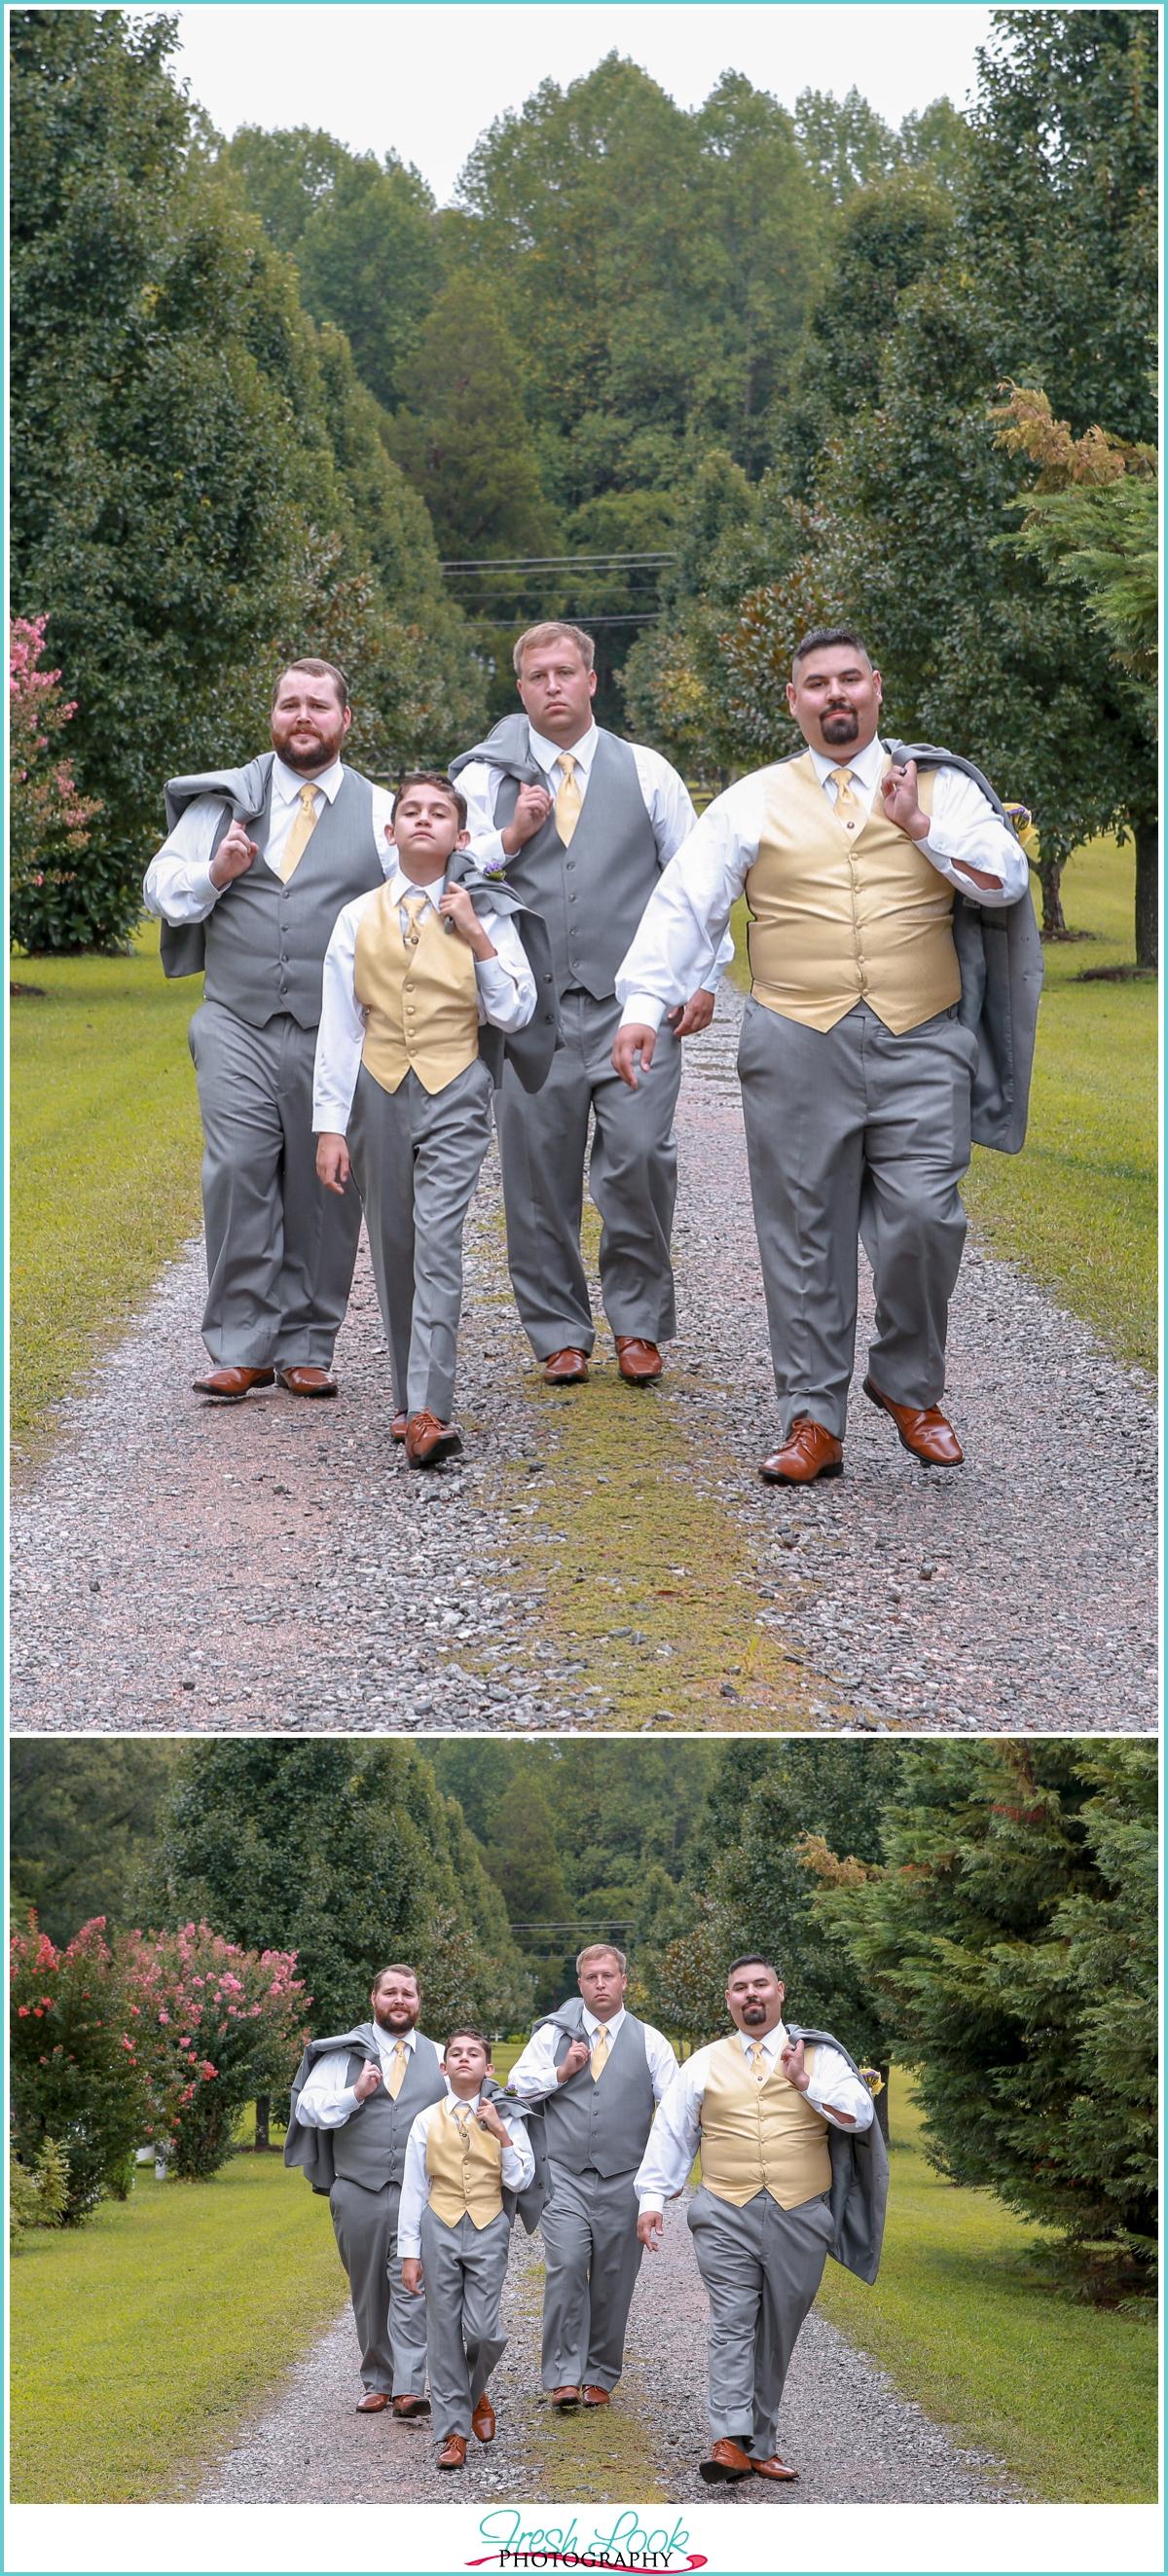 groomsmen walking and looking cool